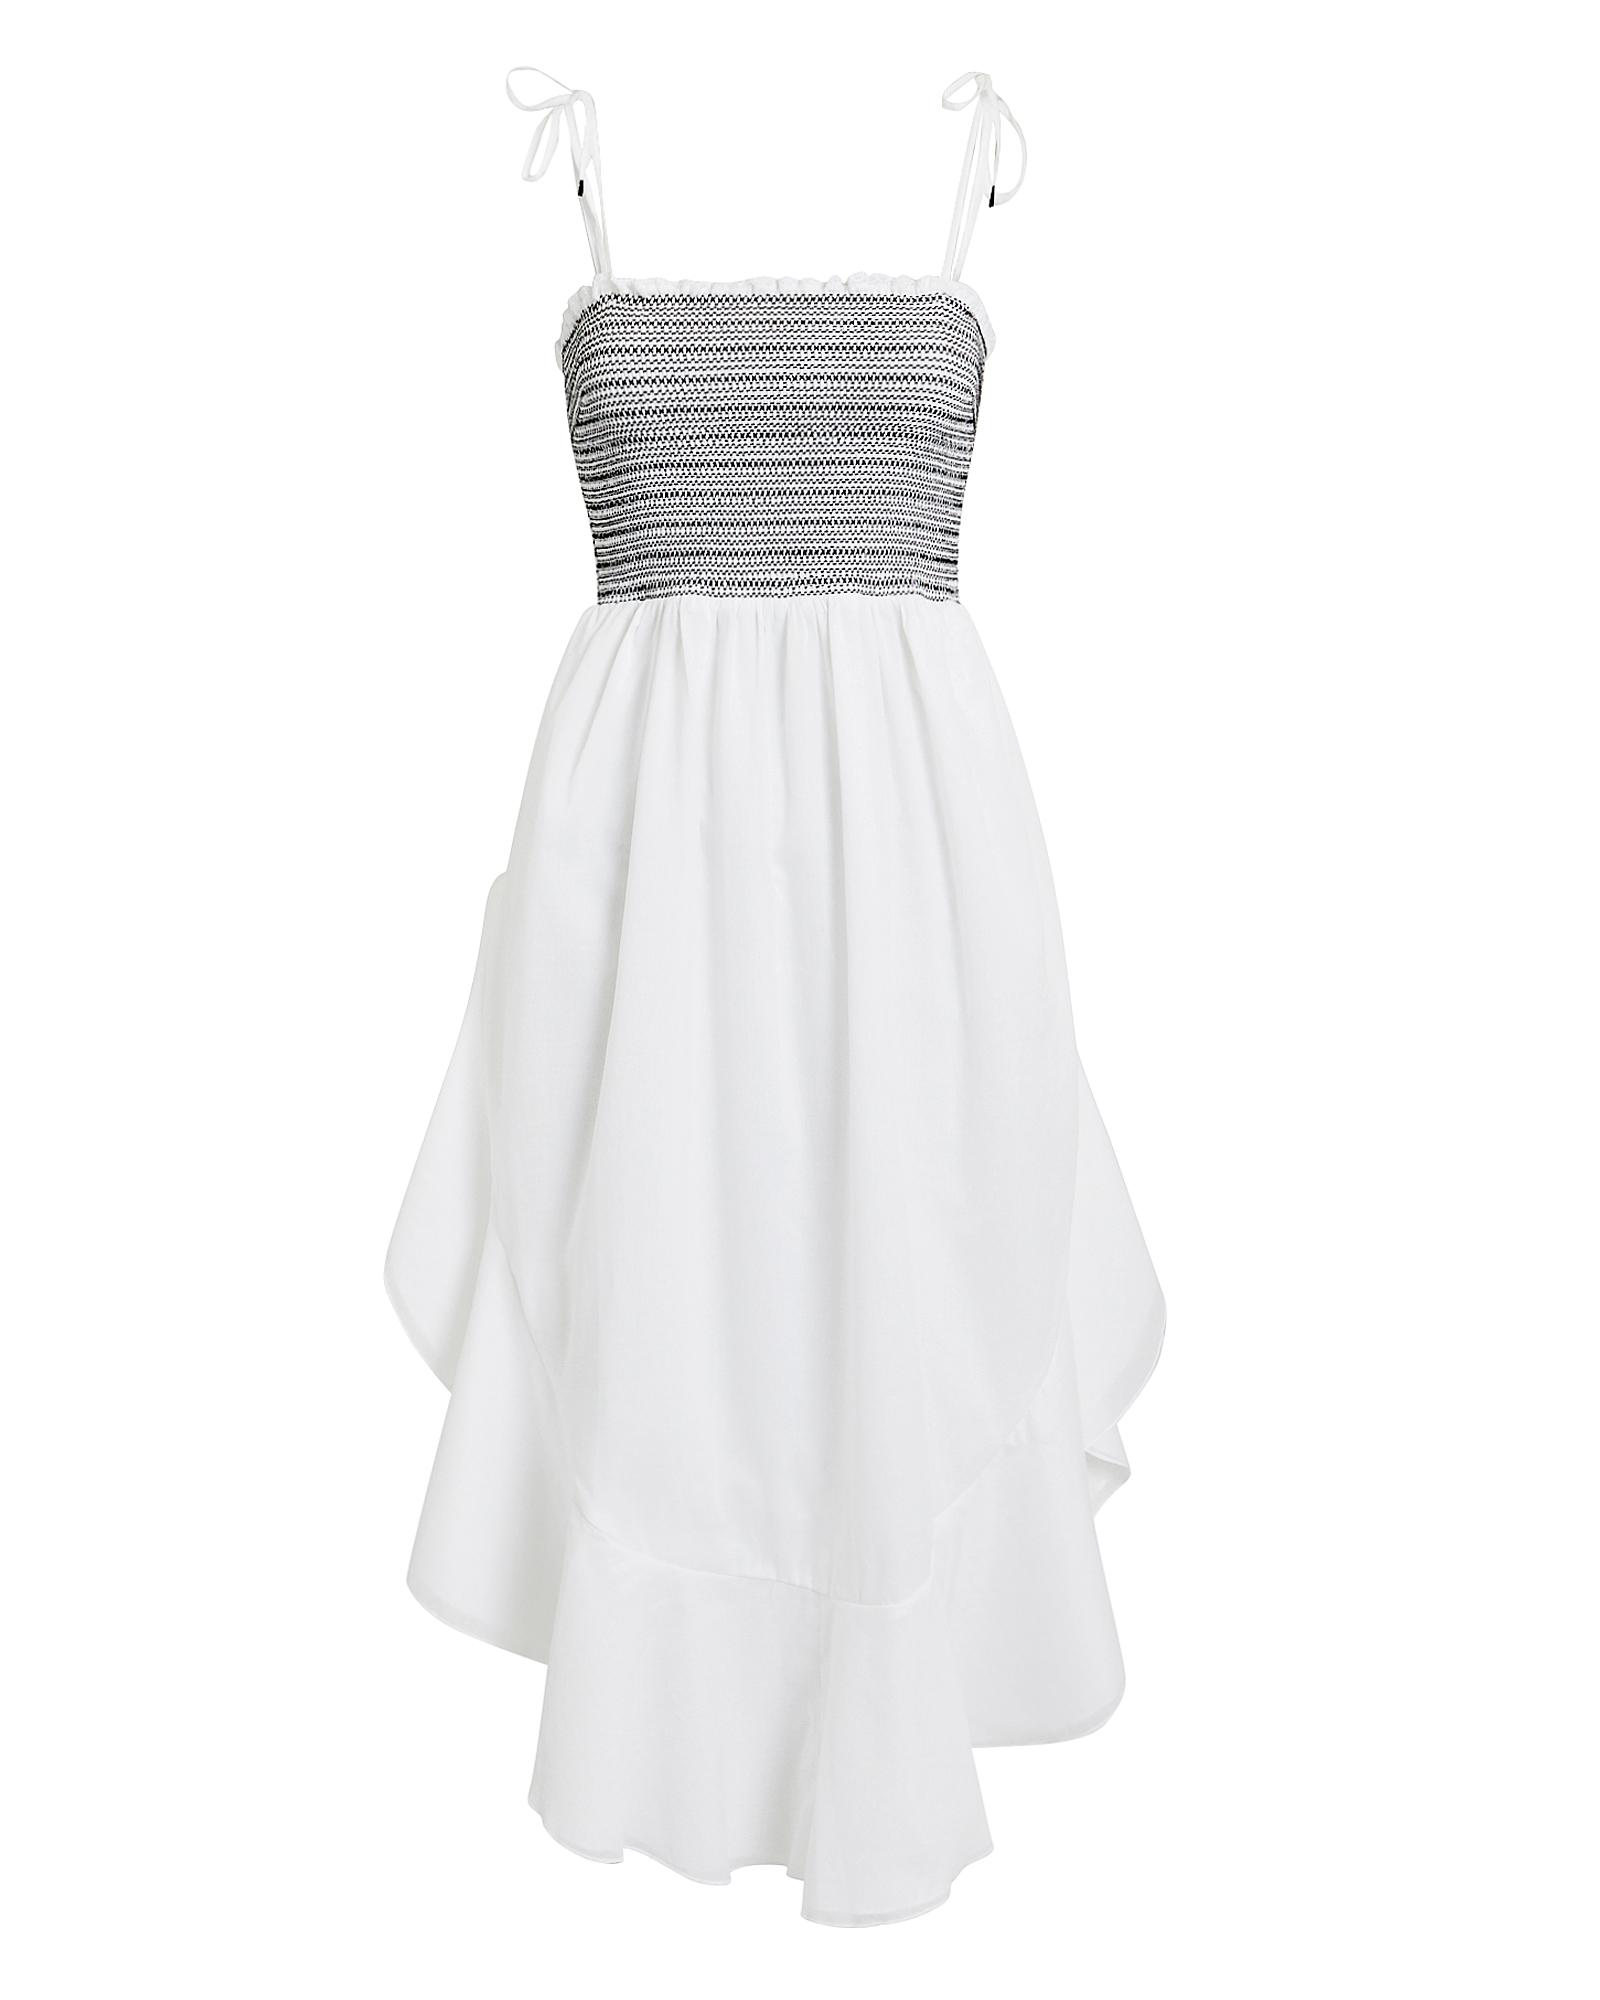 KISUII Alexia Smocked Flounce Sleeveless Dress in White